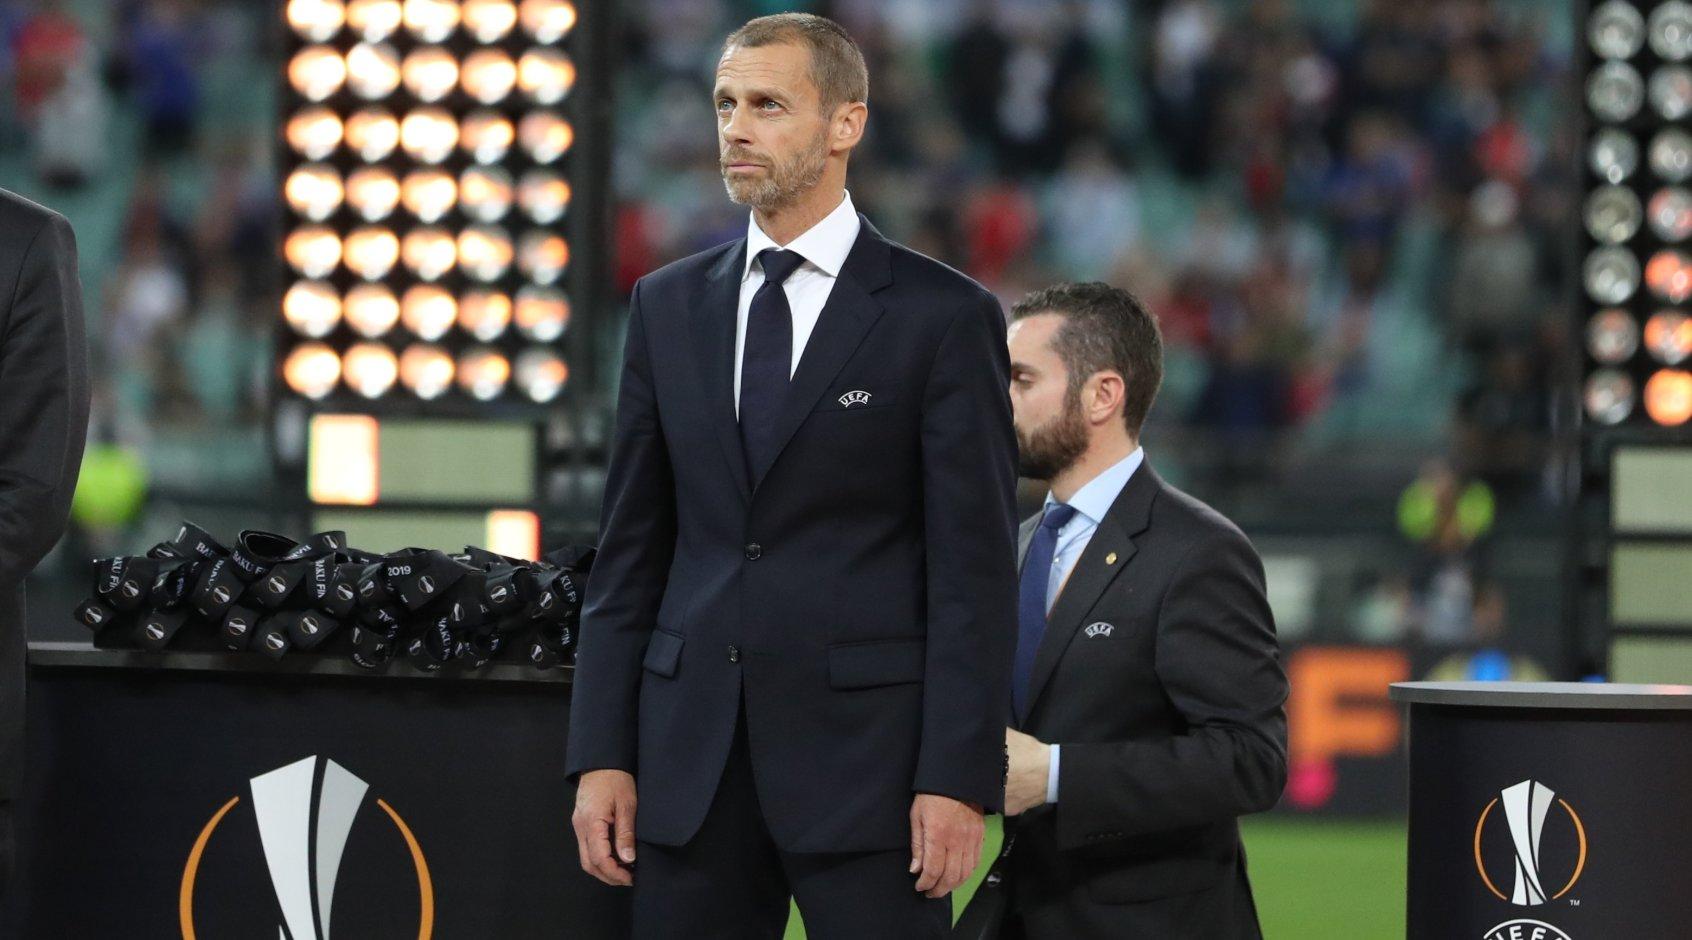 """Президент УЕФА: """"Чемпионат мира каждые два года? Удачи"""""""